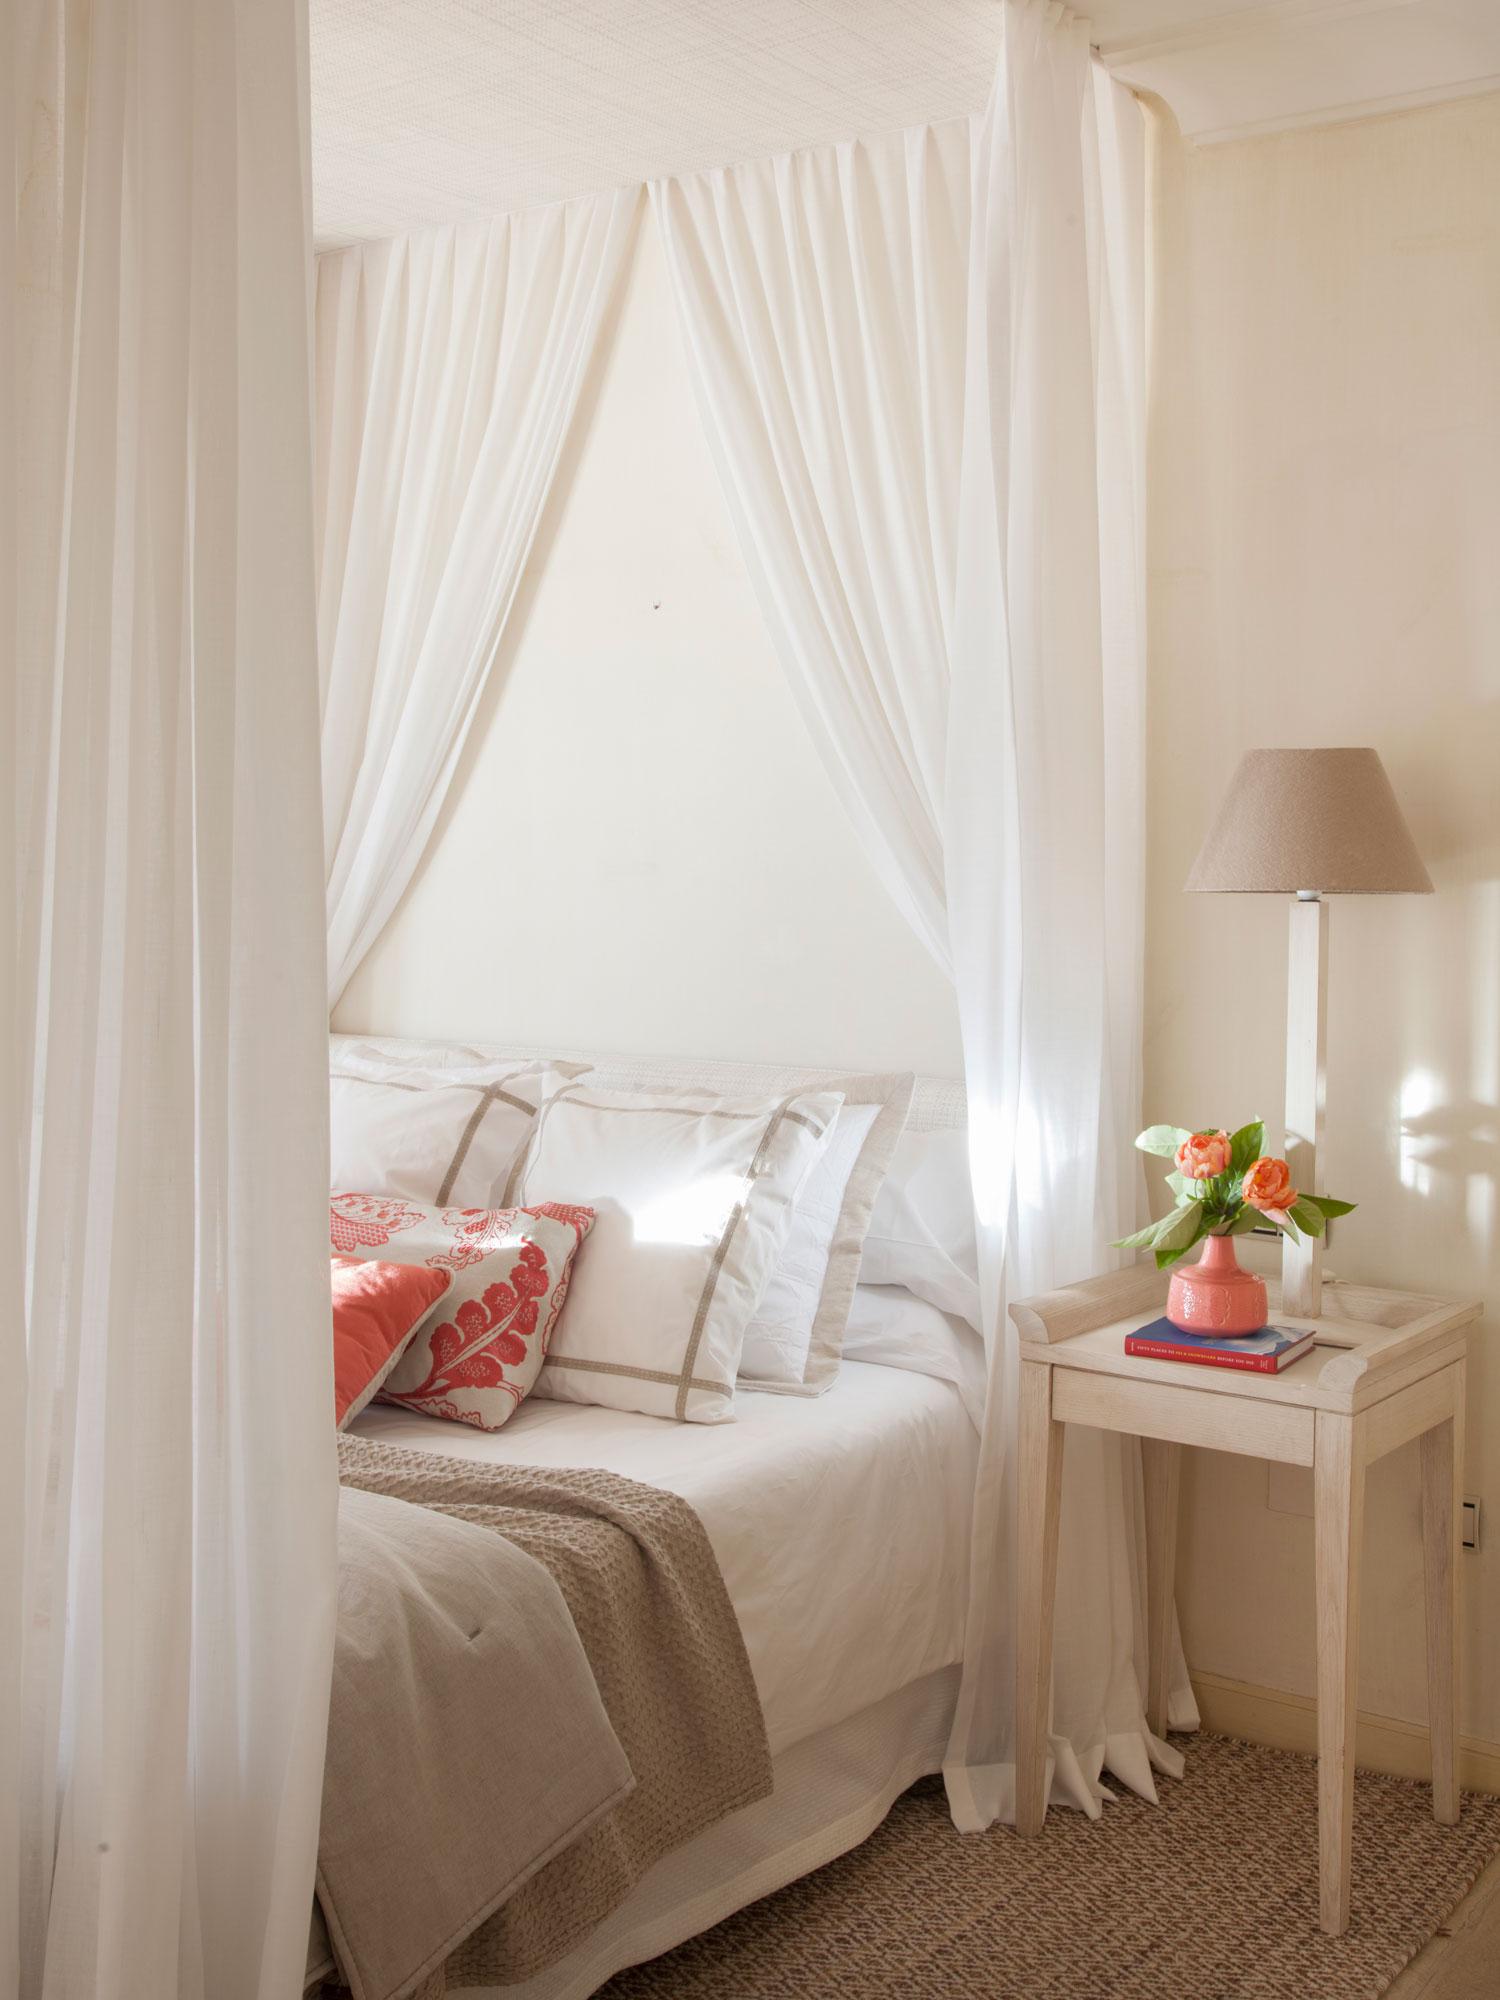 2712 Fotos de Dormitorios - Pagina 33